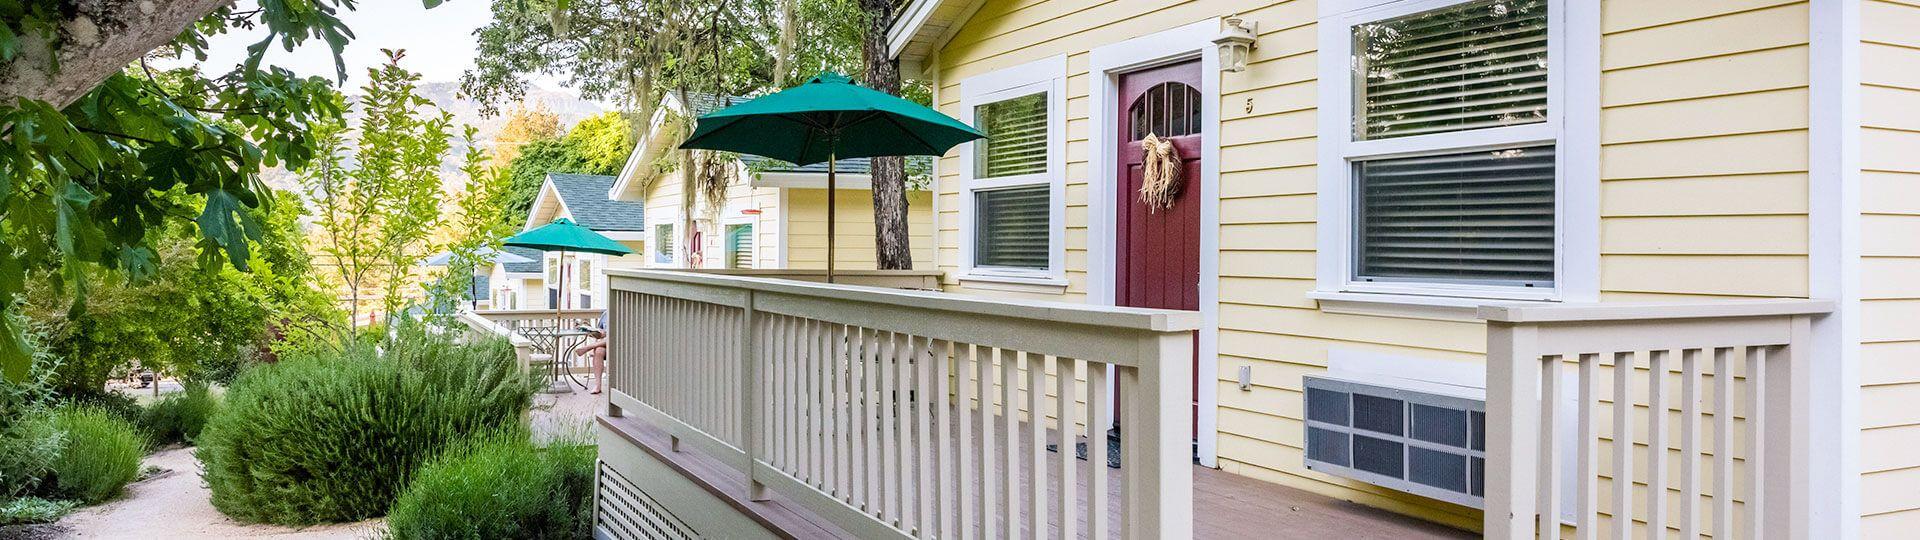 Aurora Park Cottages, Calistoga - About Us